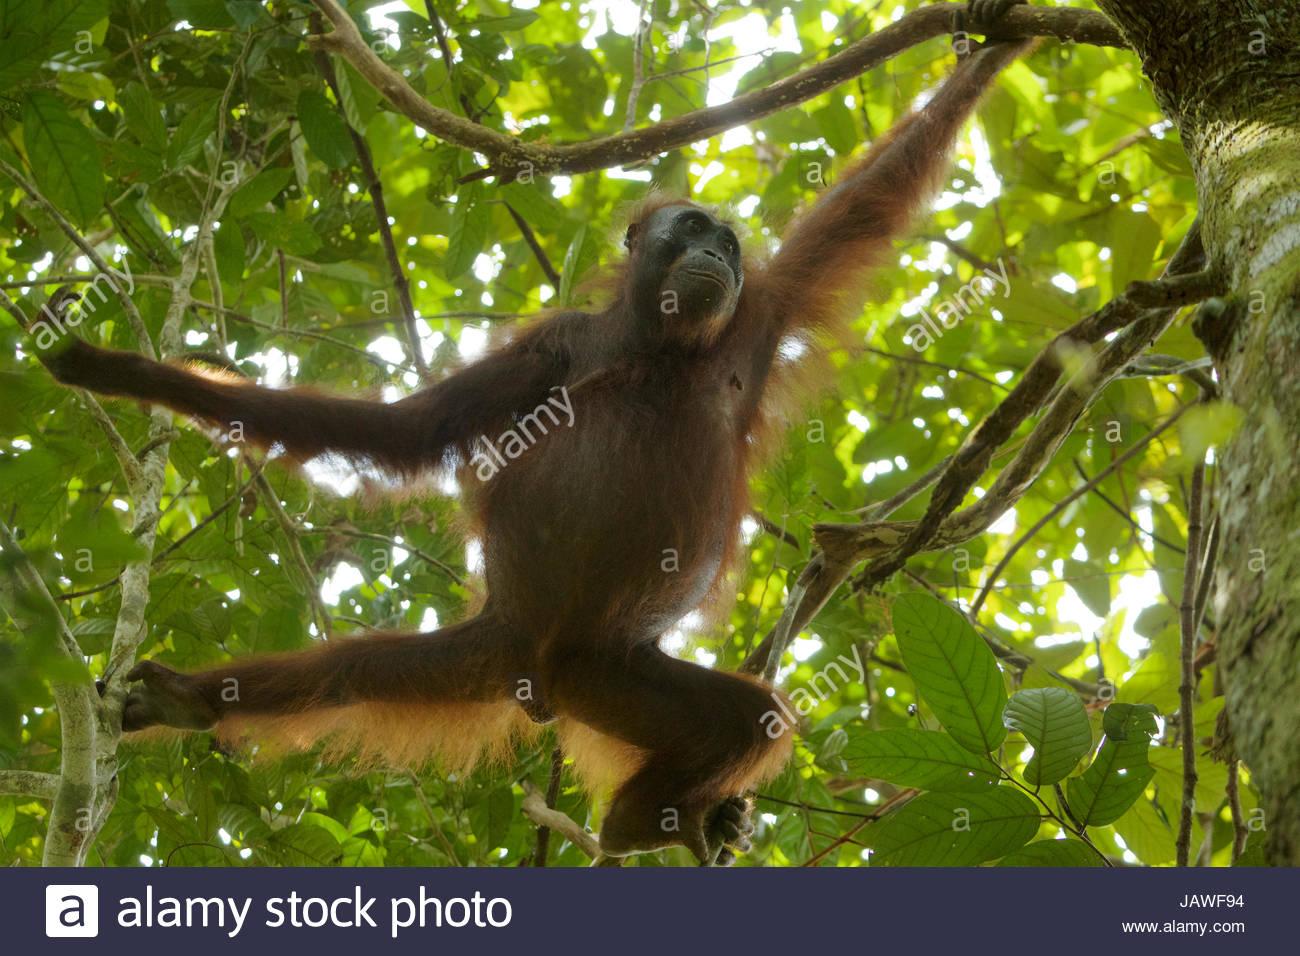 Una femmina Bornean orangutan, pongo pygmaeus wurmbii, arrampicarsi sugli alberi in Gunung Palung National Park. Immagini Stock